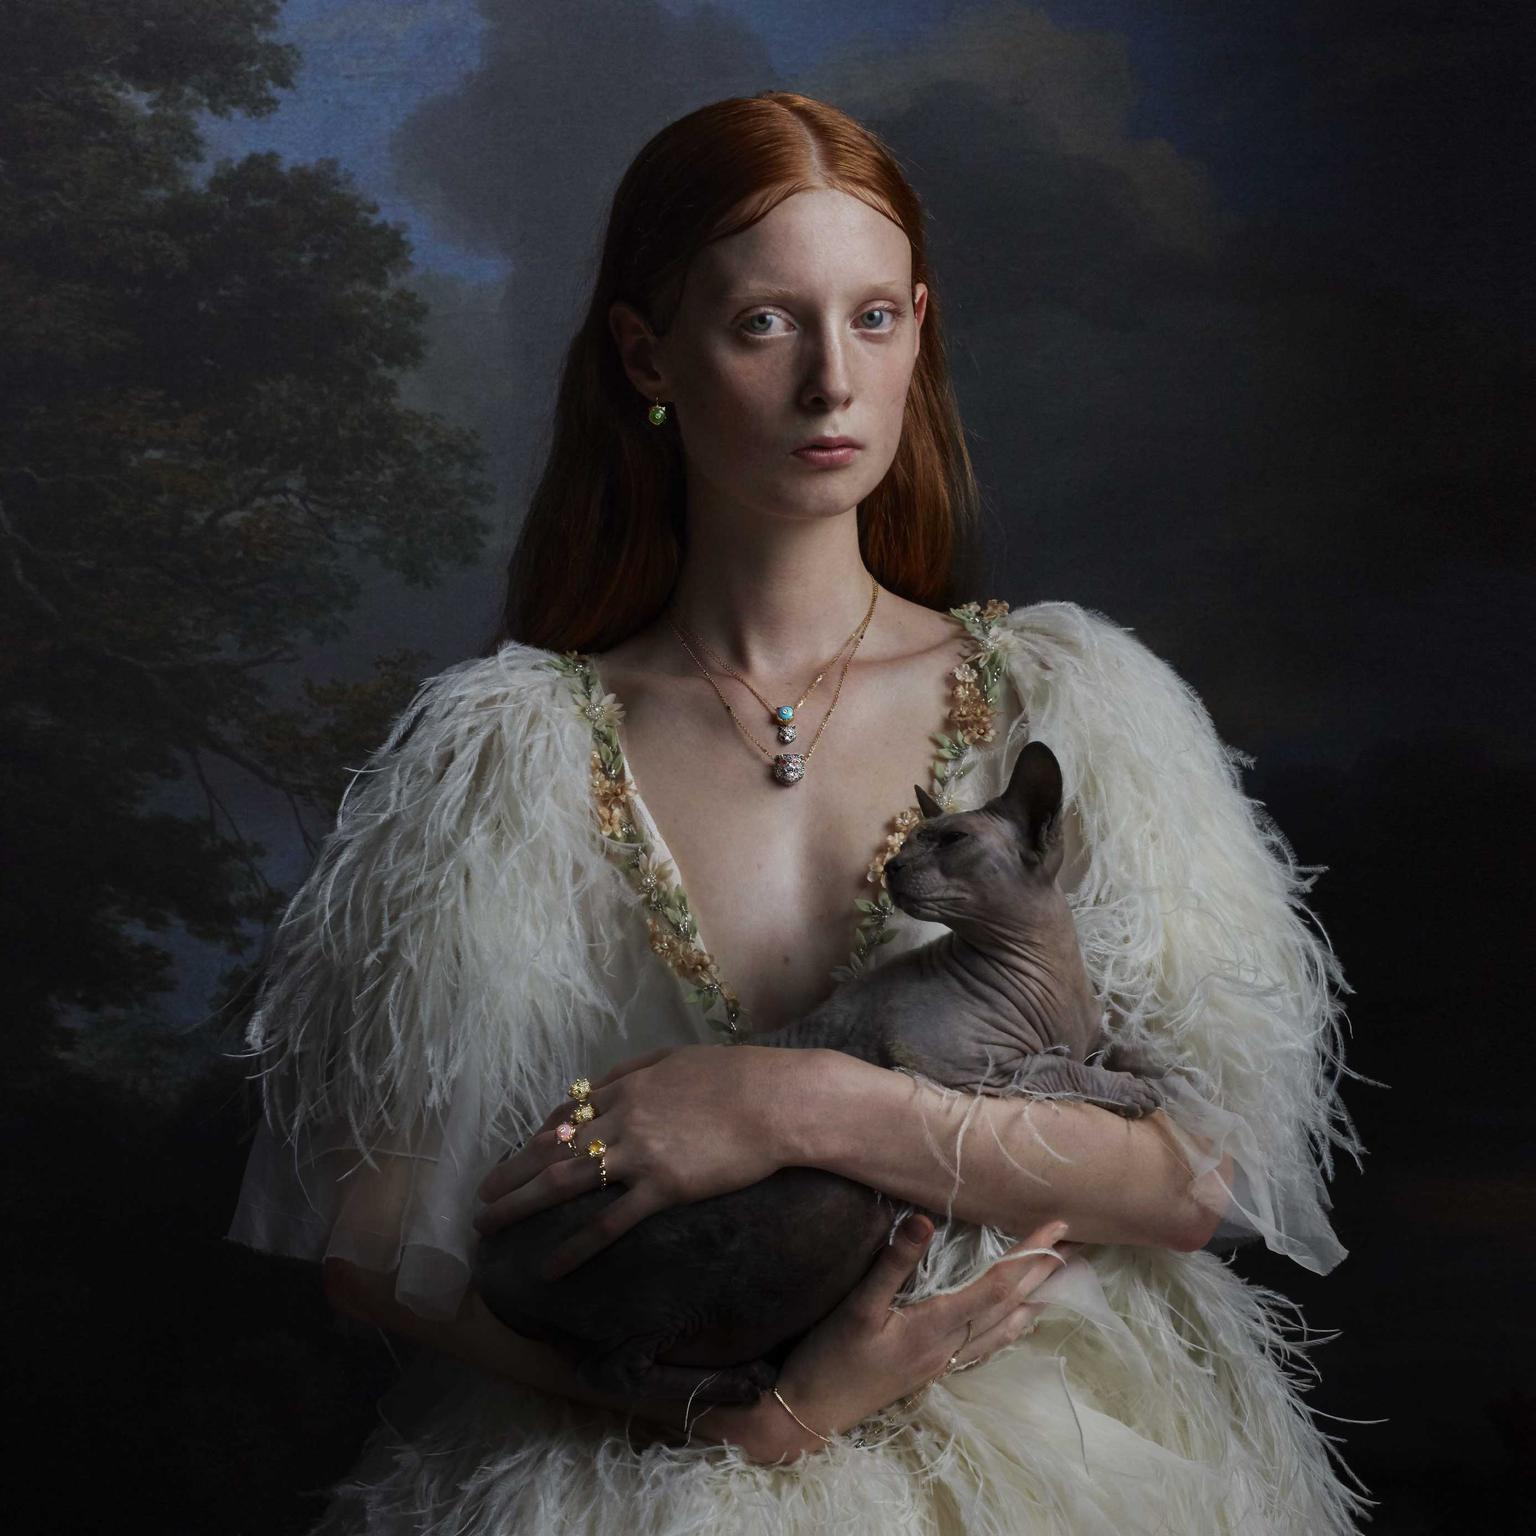 Gucci Le Marche des Merveilles jewels in portrait marabou Julia Hetta photography